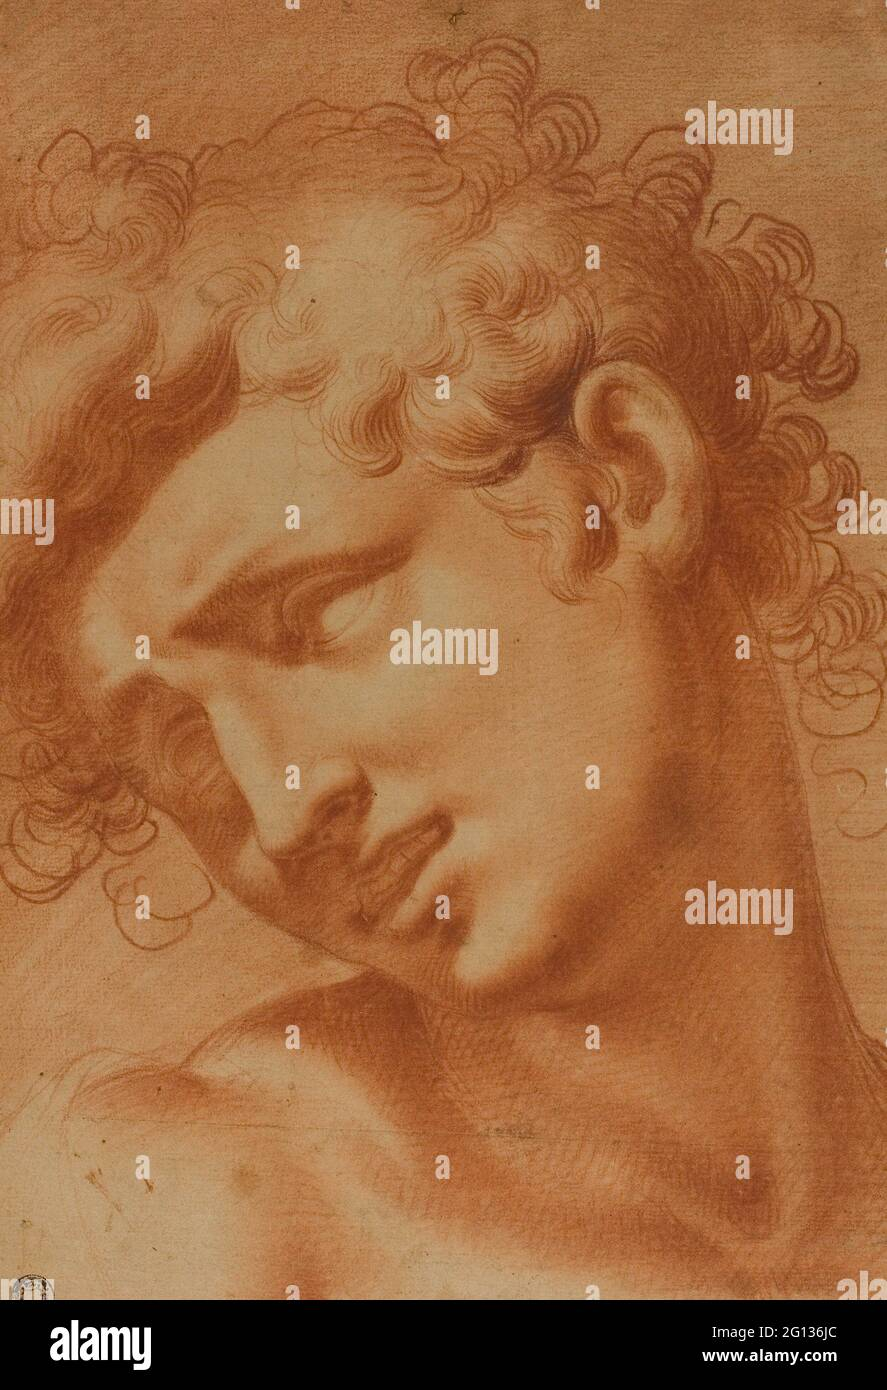 Auteur: Cristoforo Roncalli. Chef d'une Jeunesse - 1595/1605 - Cristofano Roncalli, appelé il Pomarancio Italien, 1552-1626. Craie rouge avec trébuchement, sur Banque D'Images